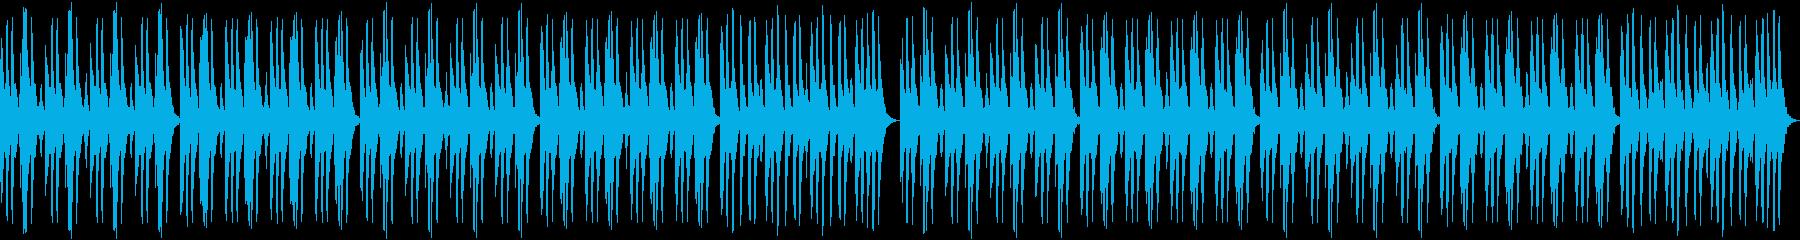 軽快なピッコロとバイオリンのピチカートの再生済みの波形